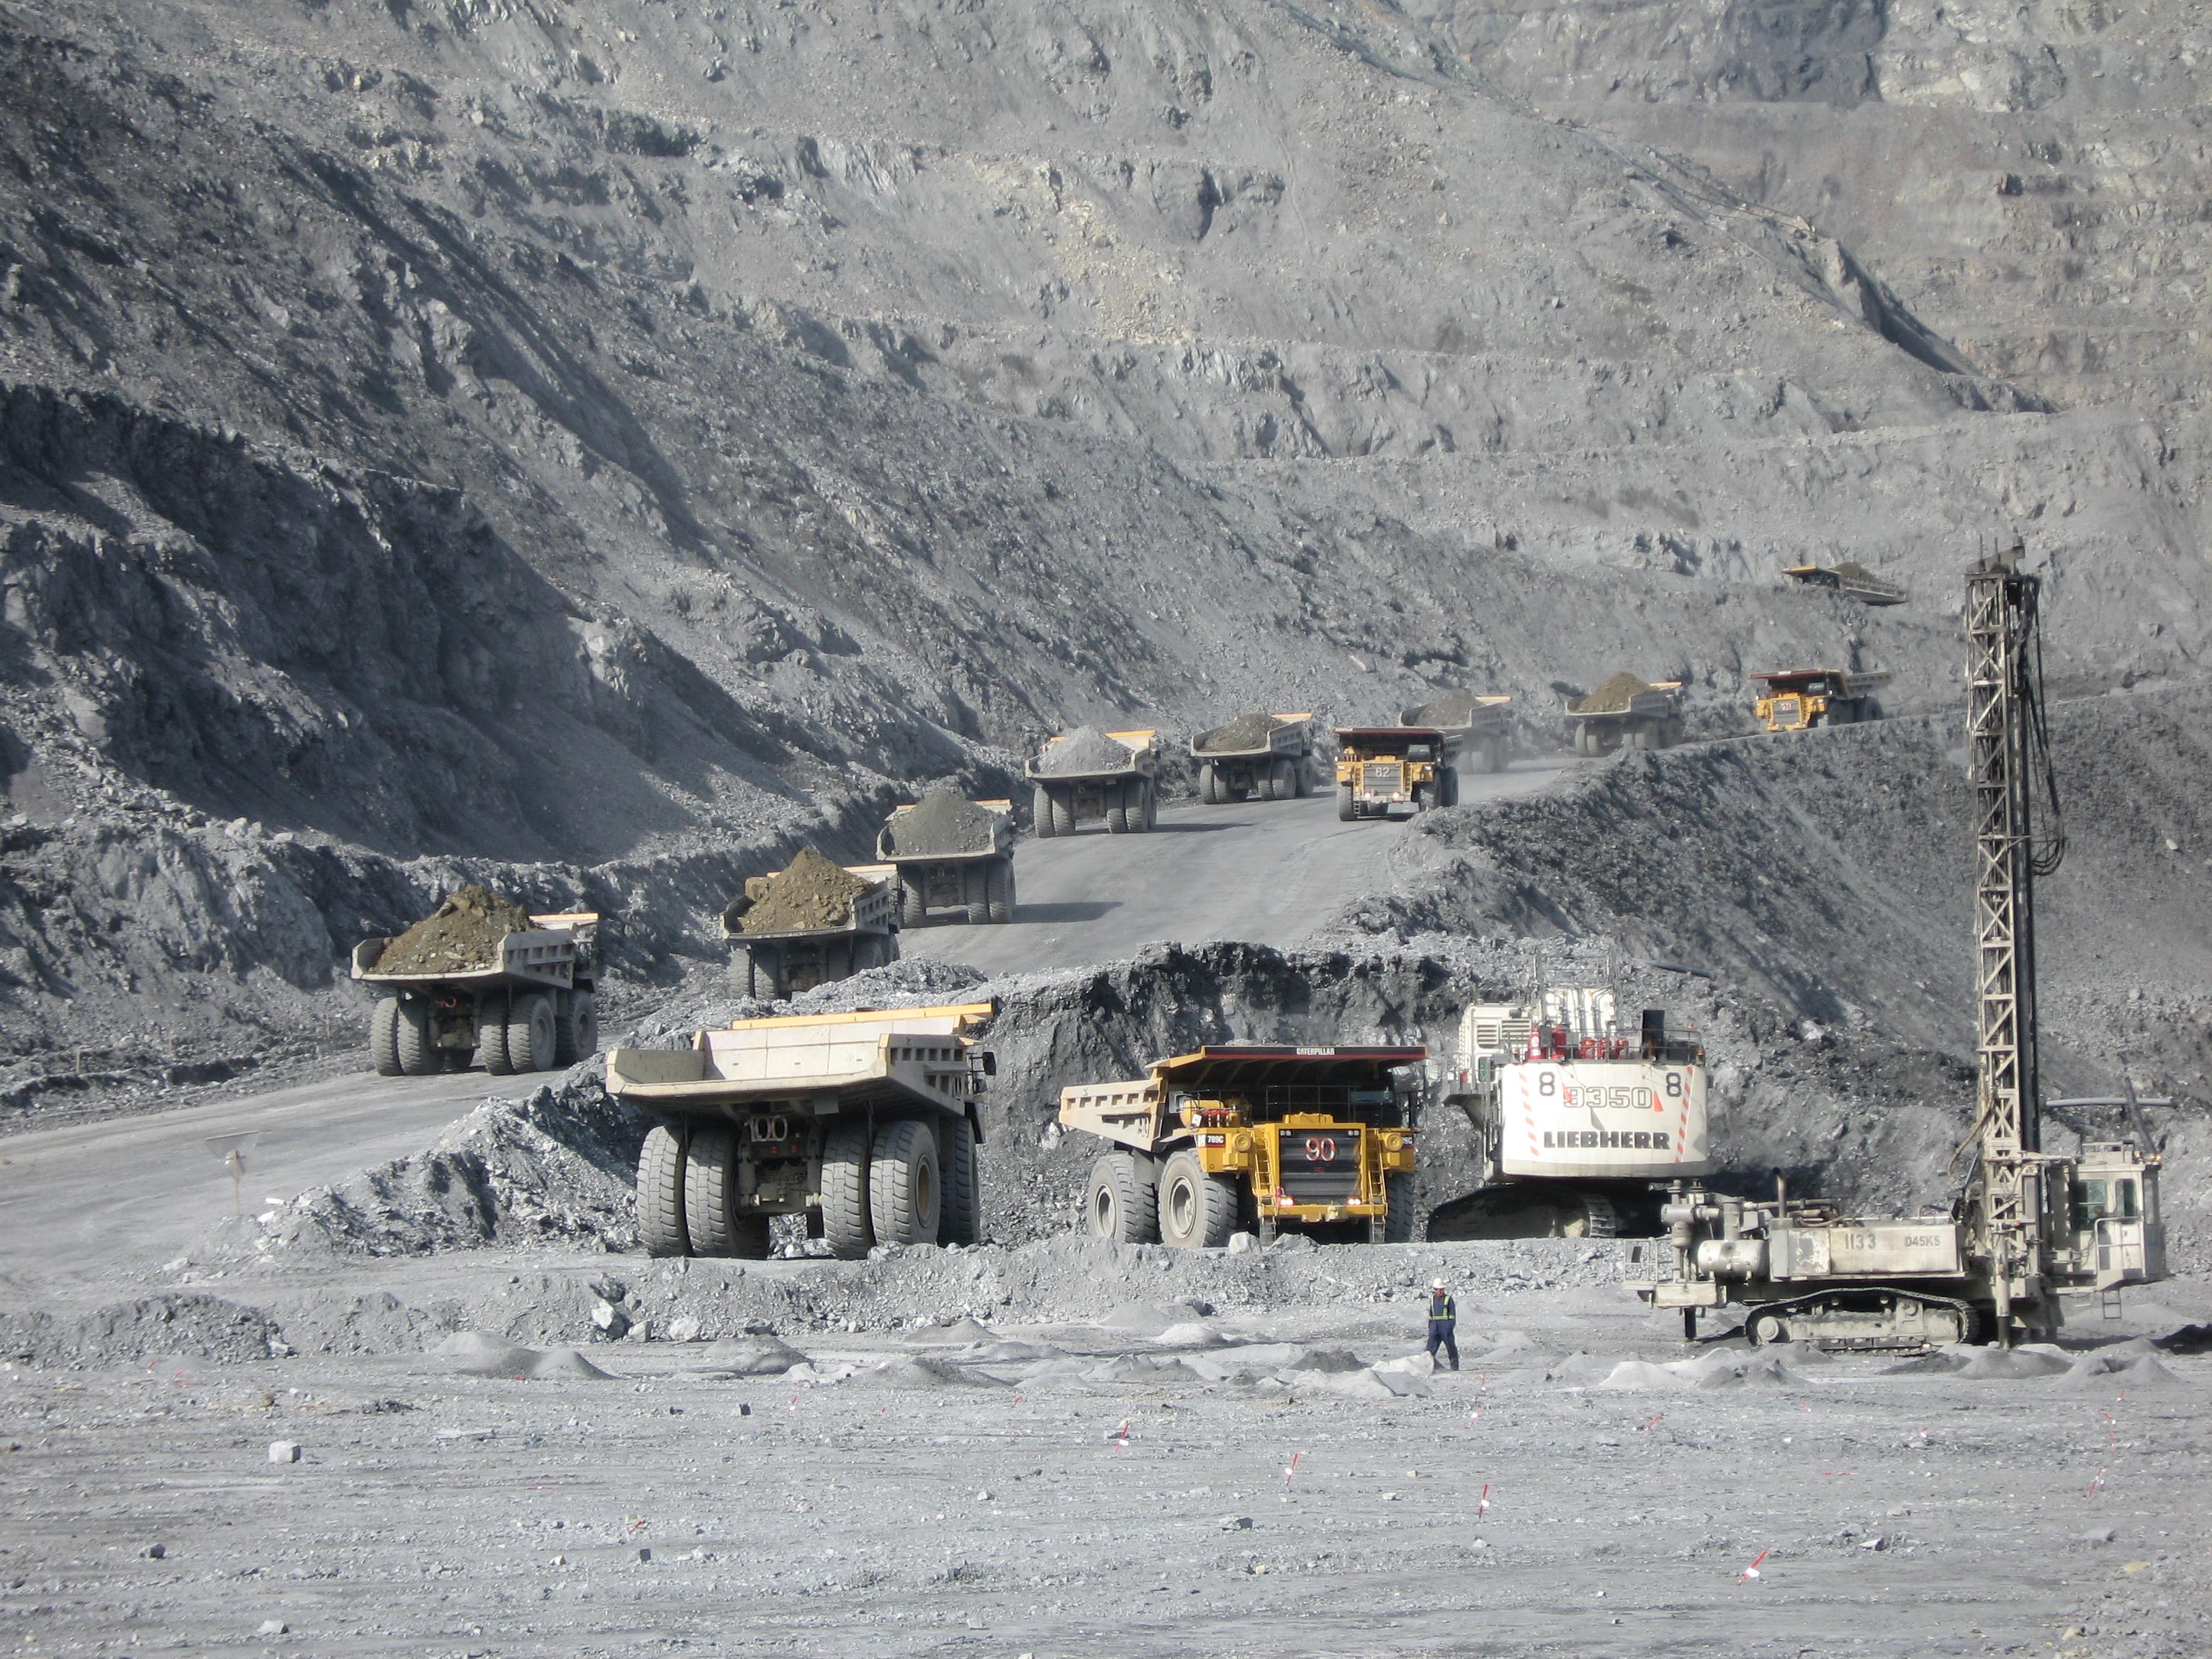 В ходе IPO доля Кыргызстана в Центерре размылась с 33% до 15,66%. Фото с сайта Centerra Gold Inc.